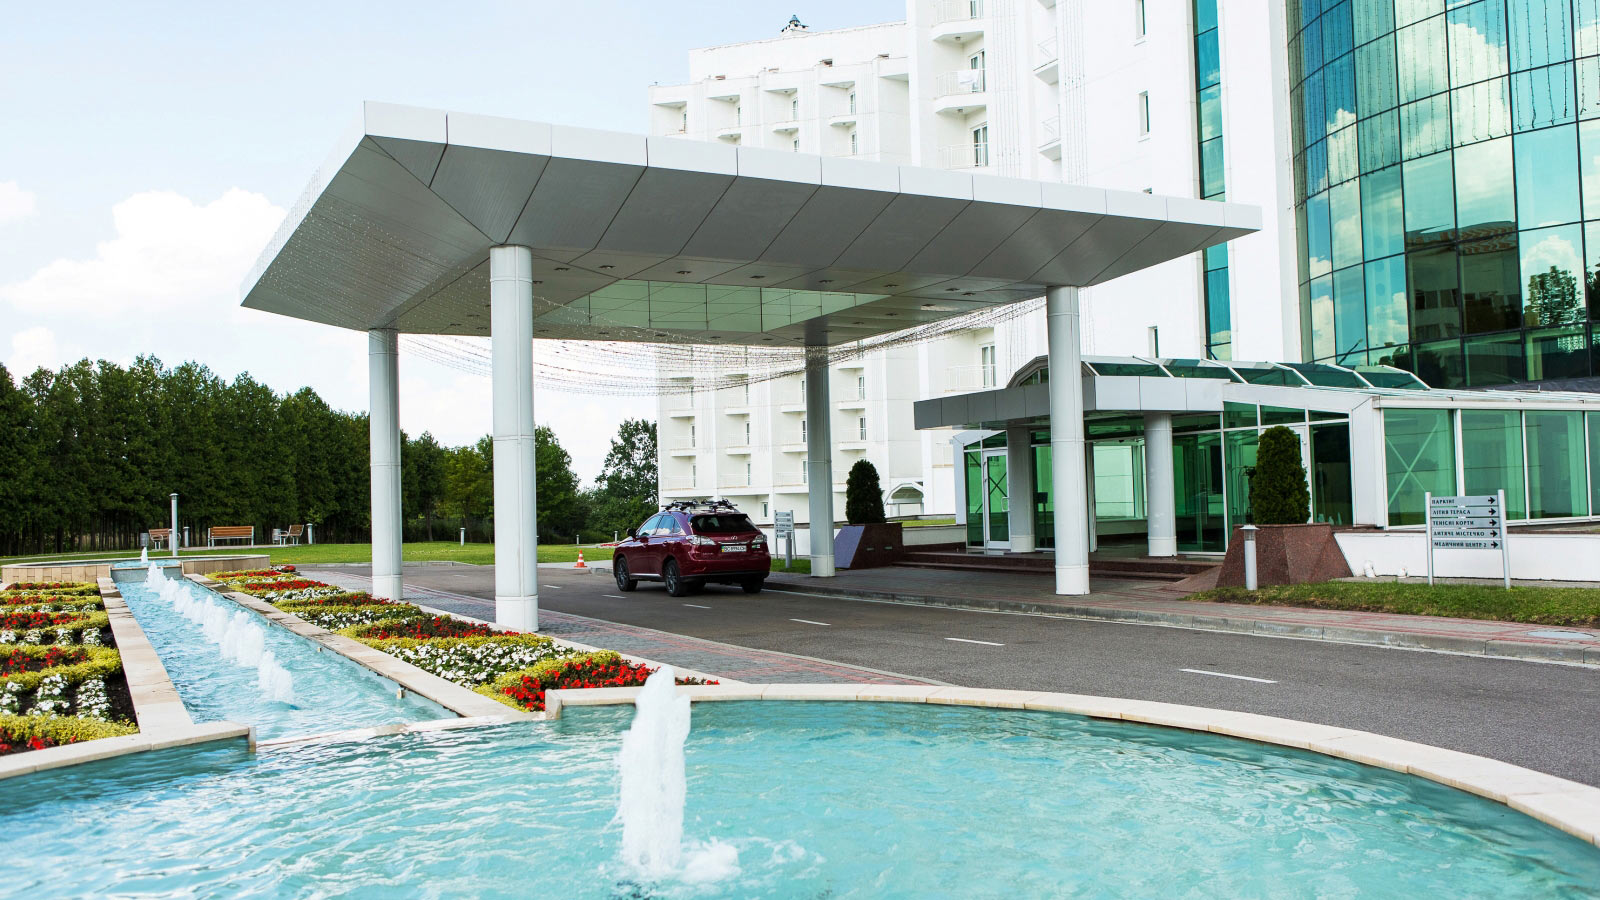 Rixos-Prykarpattya - лучший курорт (Трускавец) для отдыха и лечения